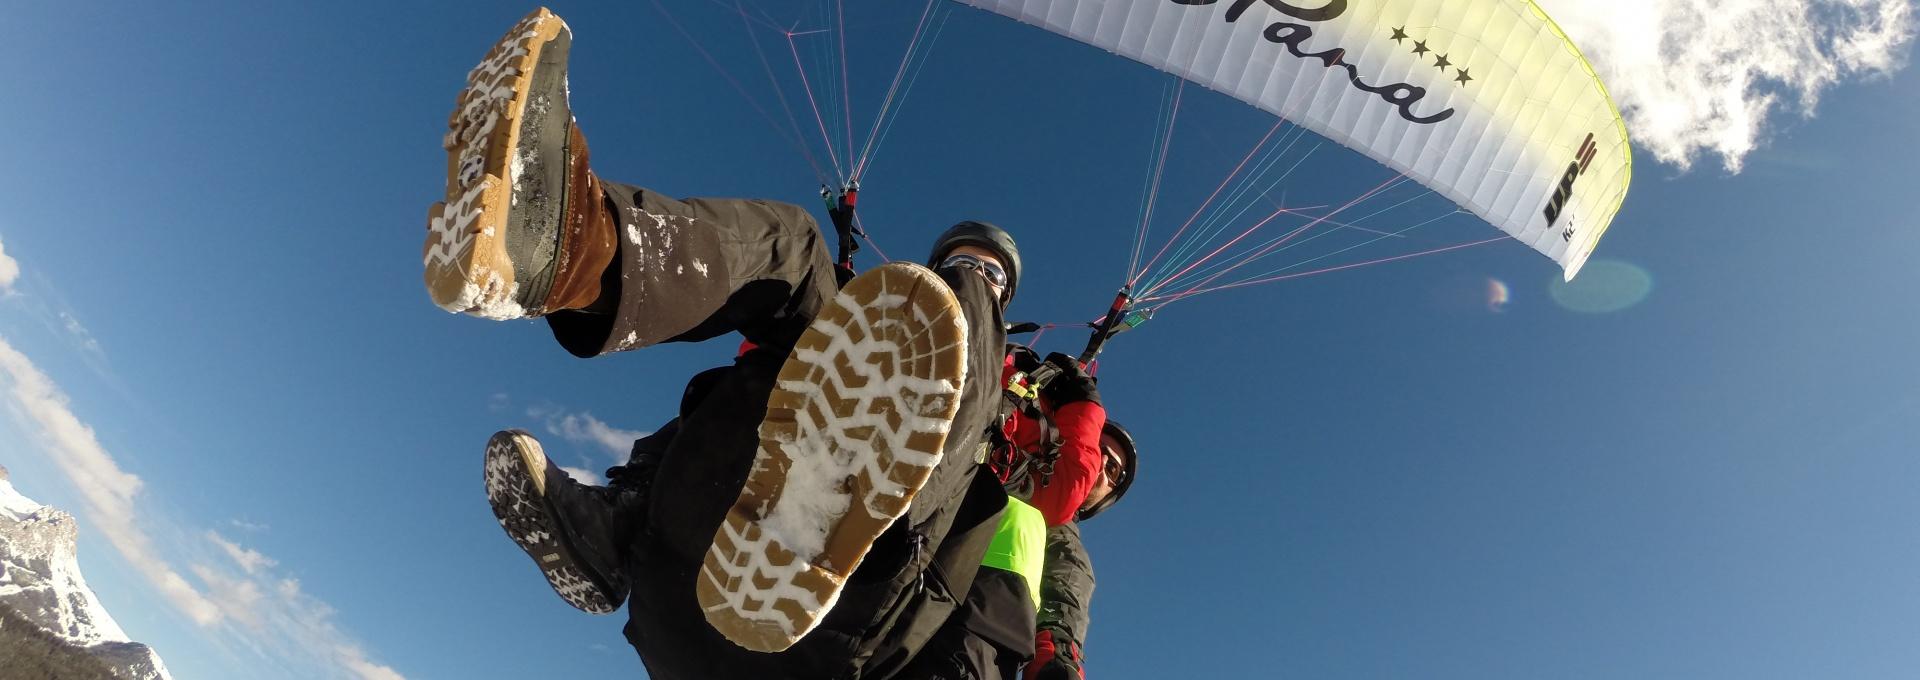 Dolomites - Paragliding in Val Gardena